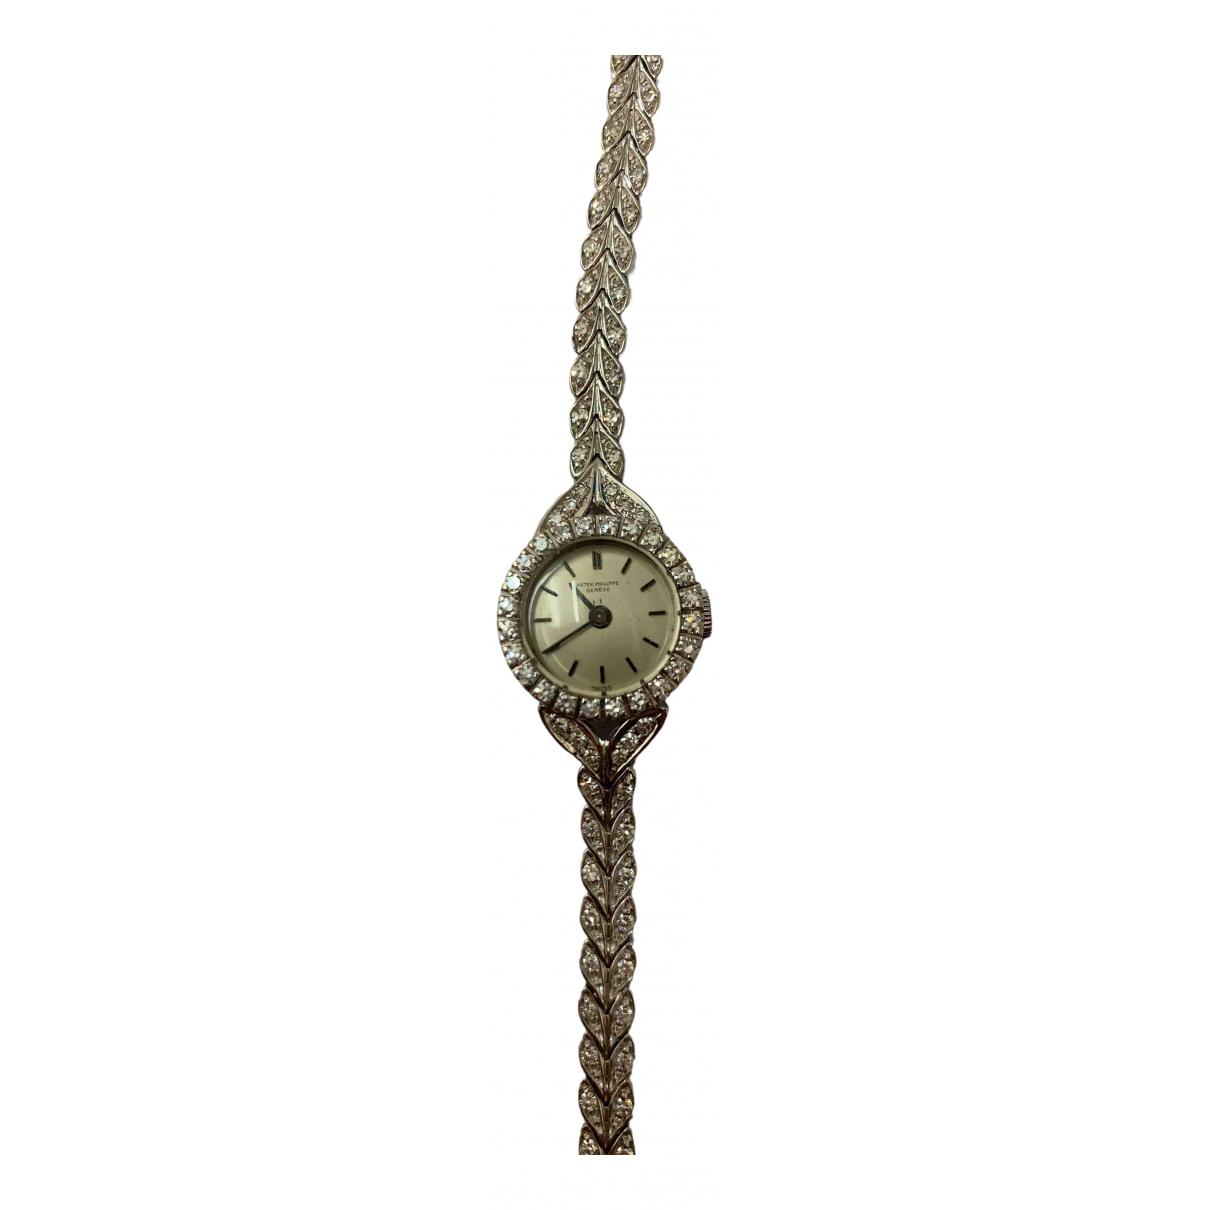 Patek Philippe \N Uhr in  Weiss Weissgold